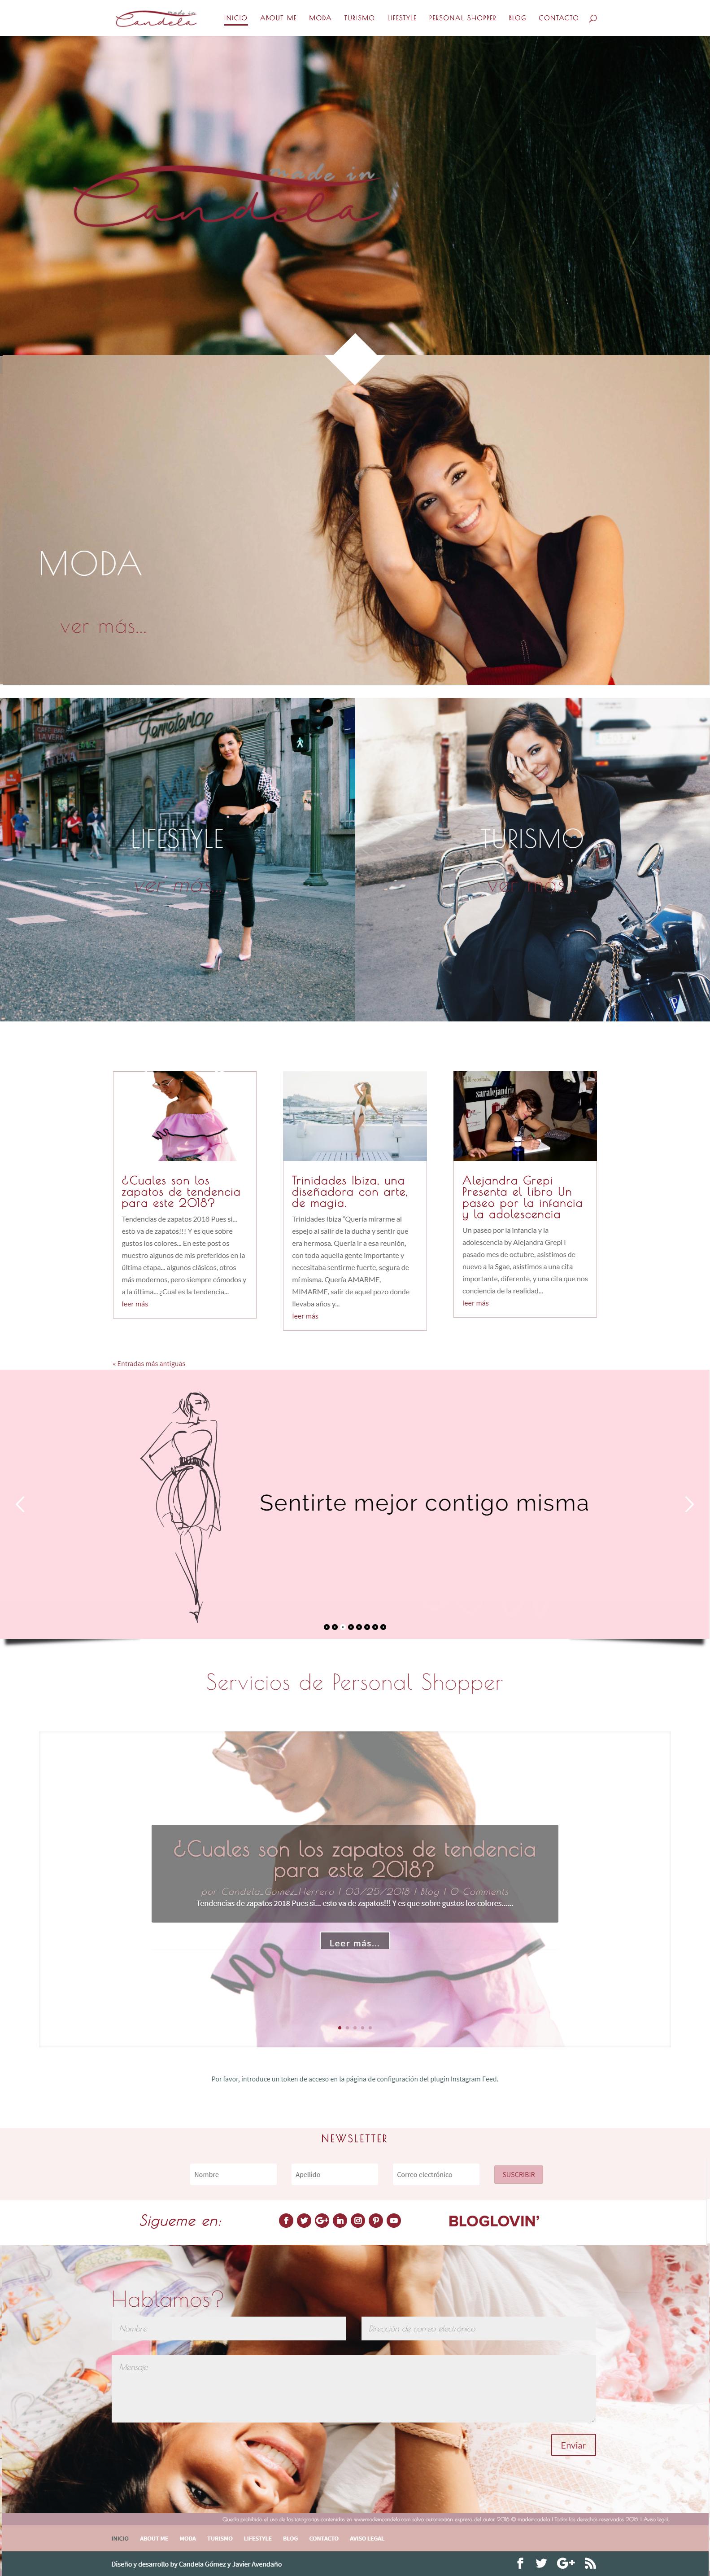 Elysabeth-Reyess tienda de moda y complementos